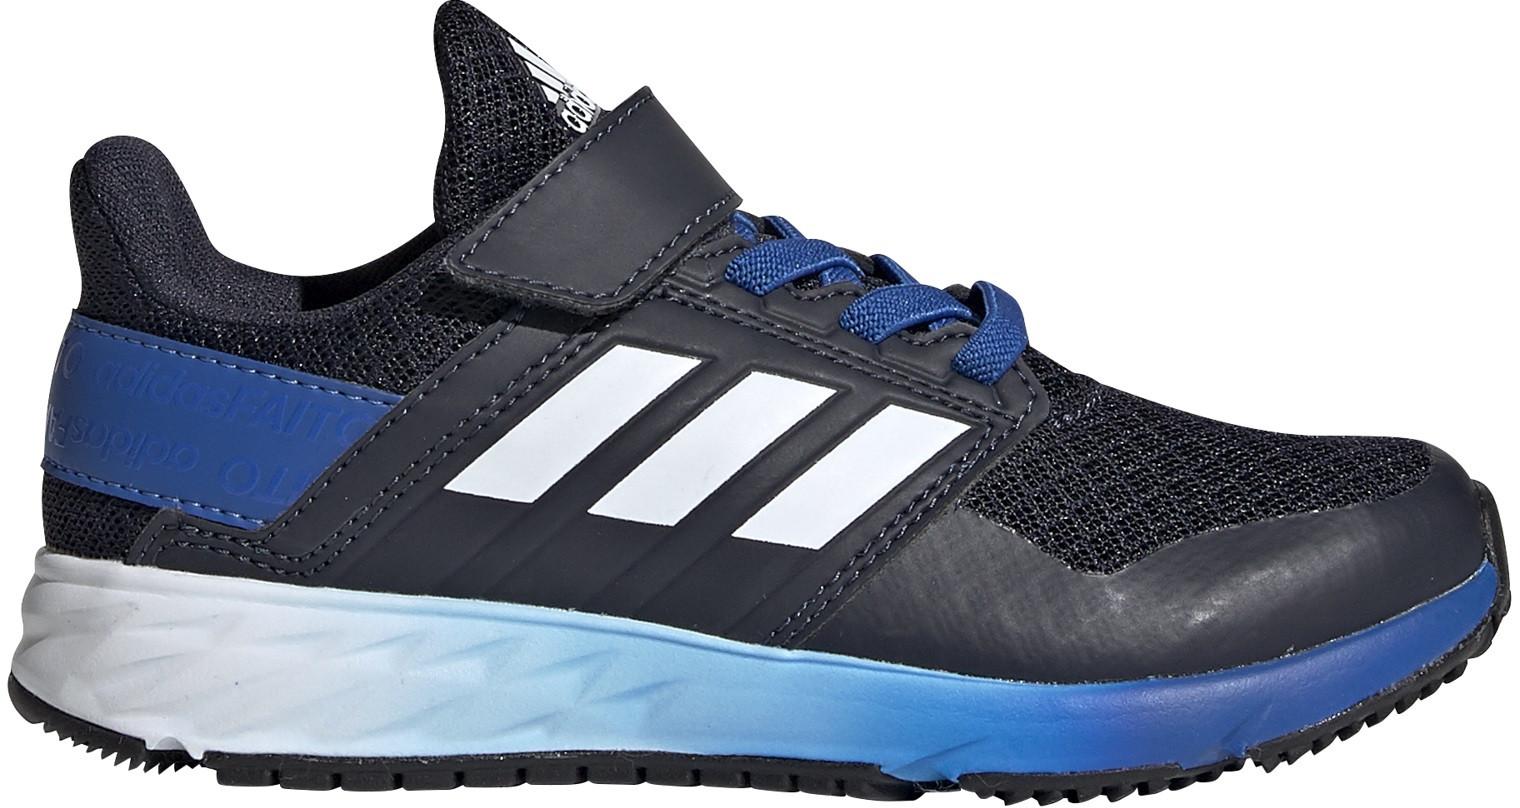 Adidas Shoes Juniors Boys Forta Faito